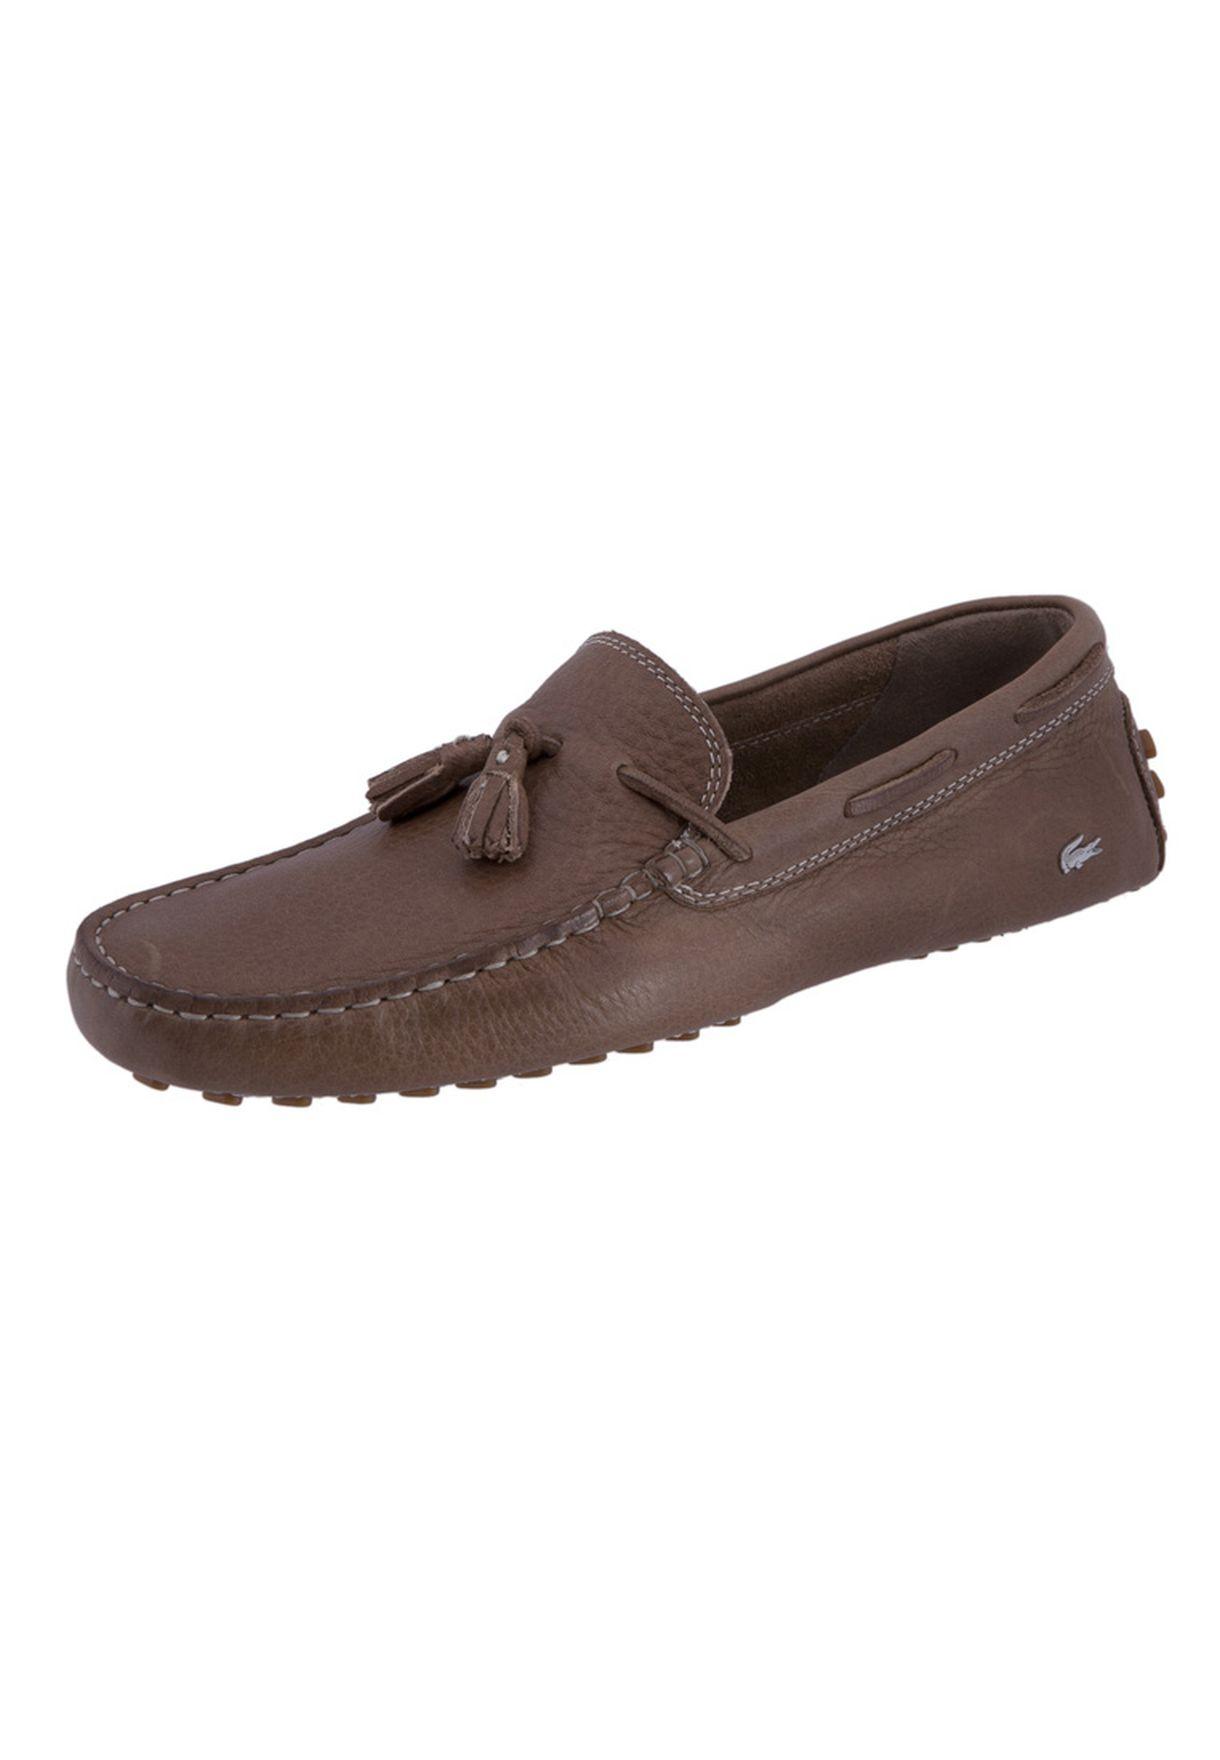 20cbe281d564c8 Shop Lacoste browns CONCOURS TASSLE 2 23CLM0004-158 for Men in UAE ...